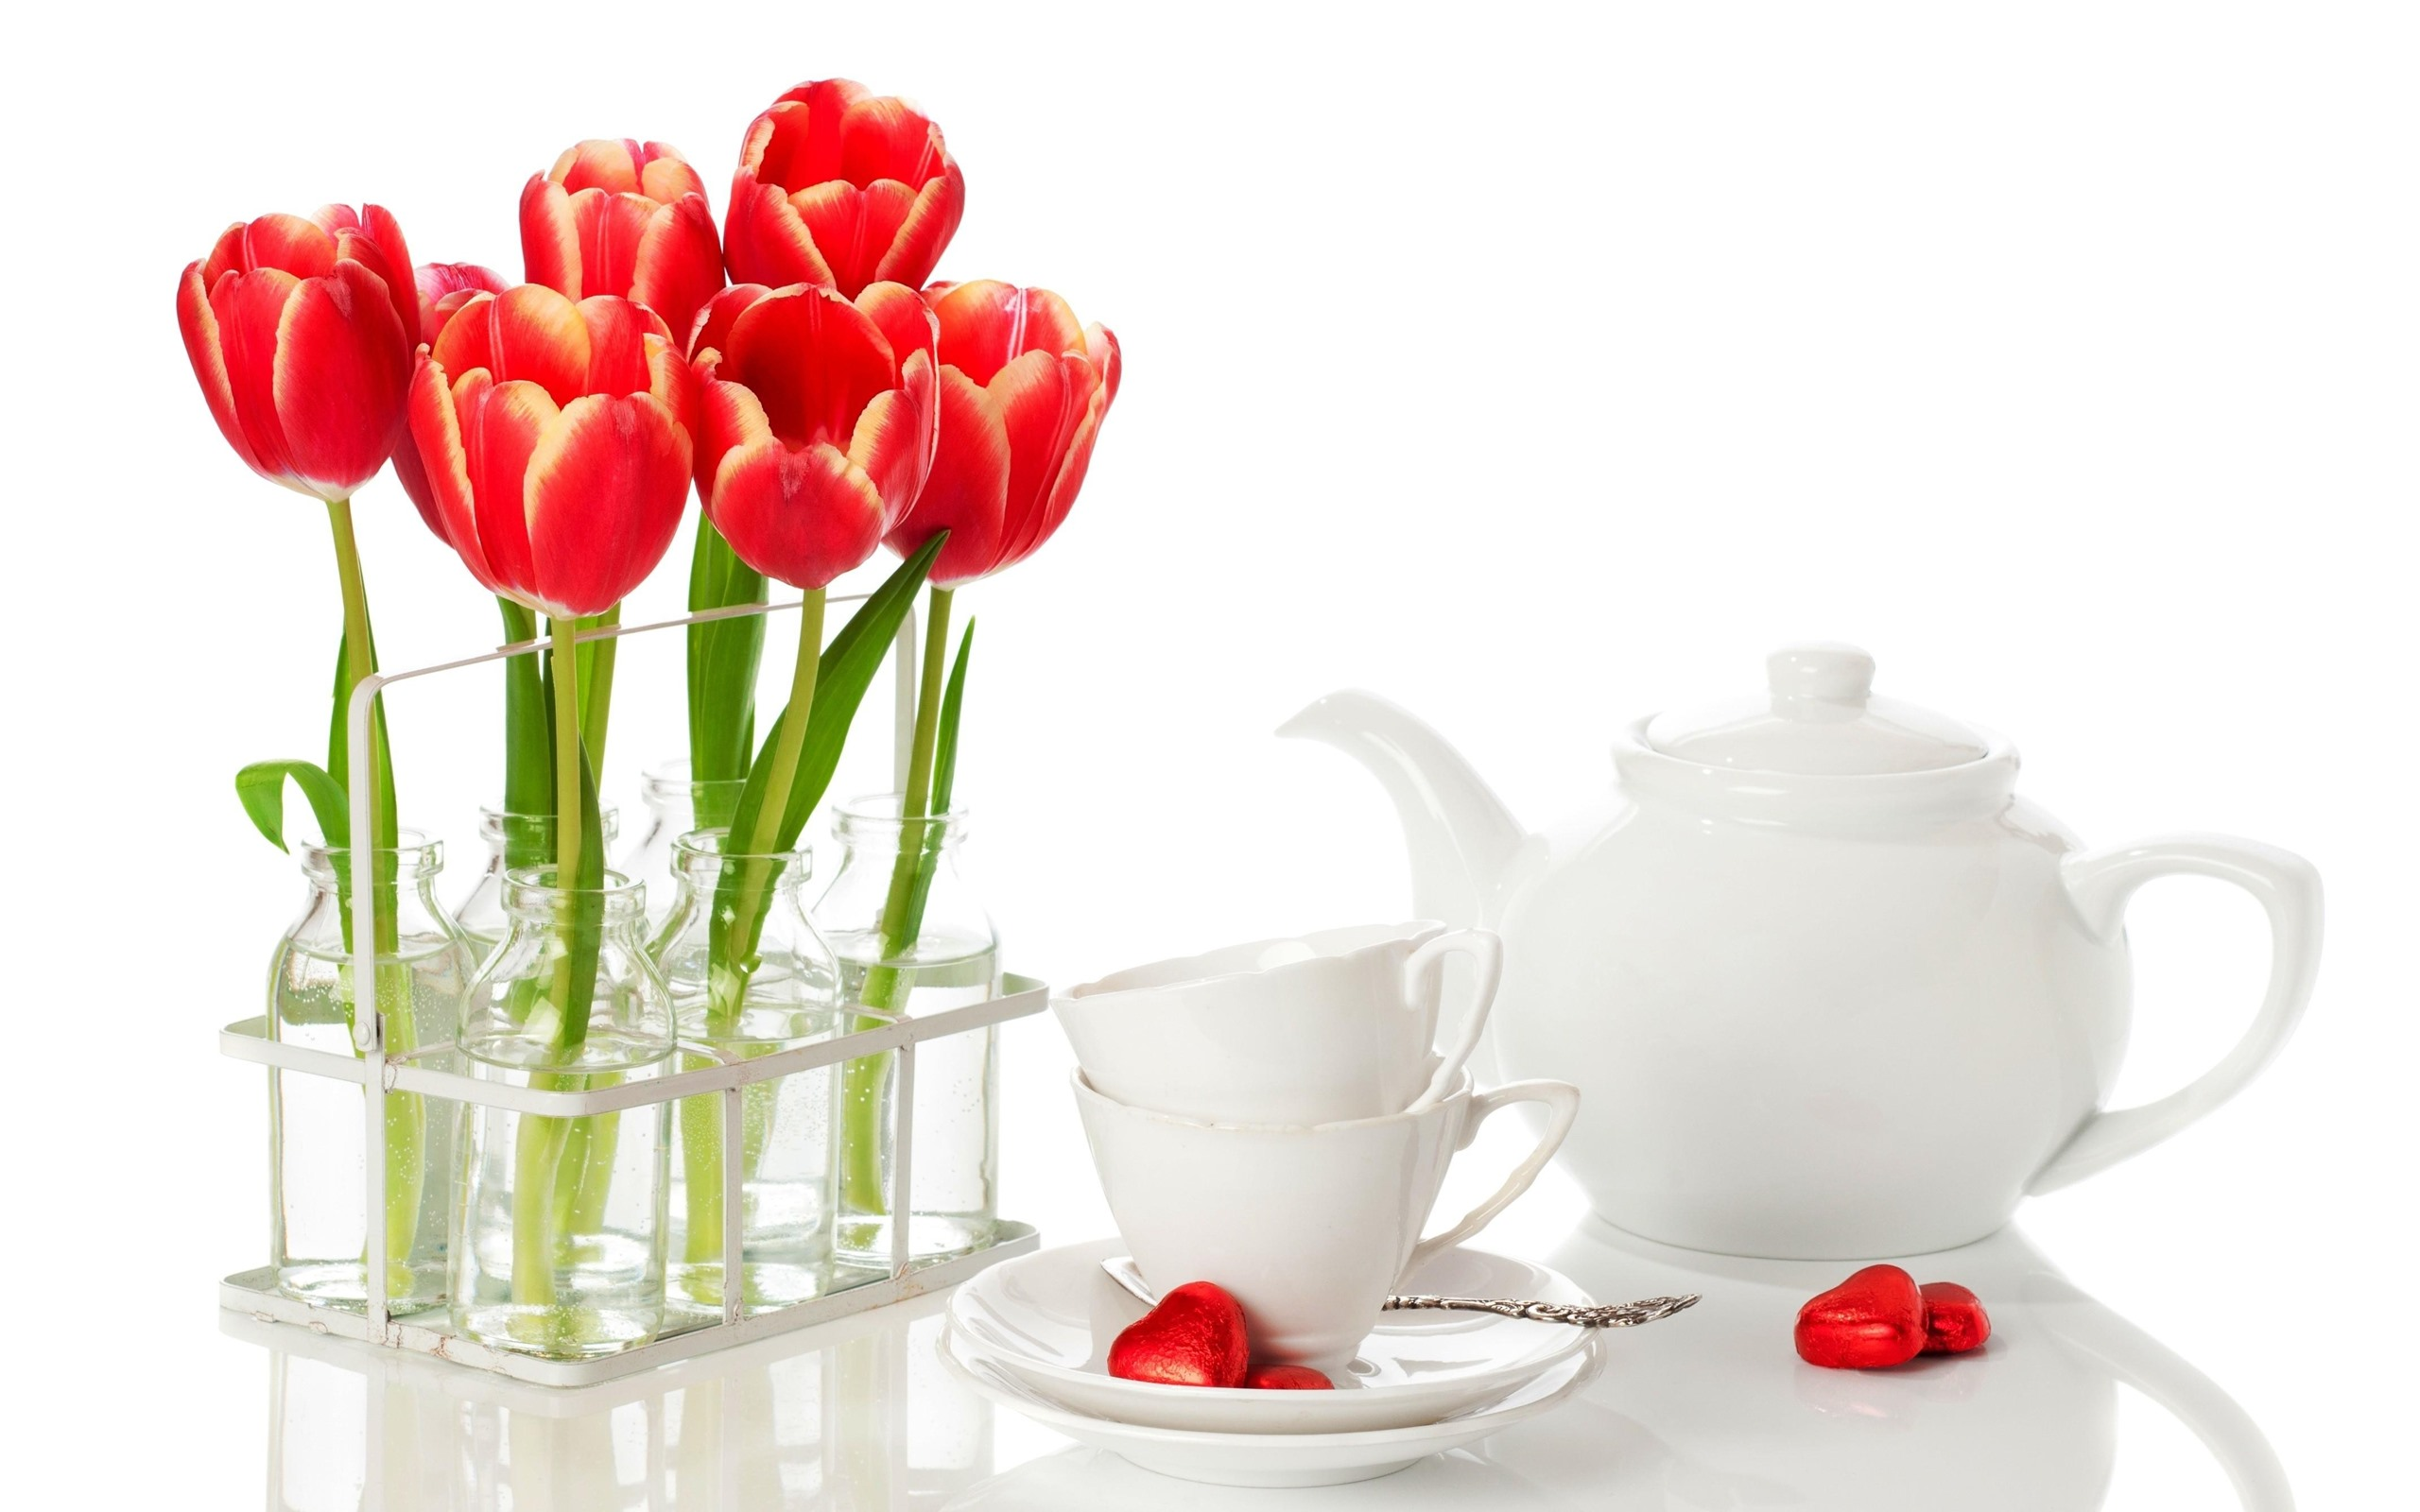 чашка с тюльпанами открытка нарезанных полос должна